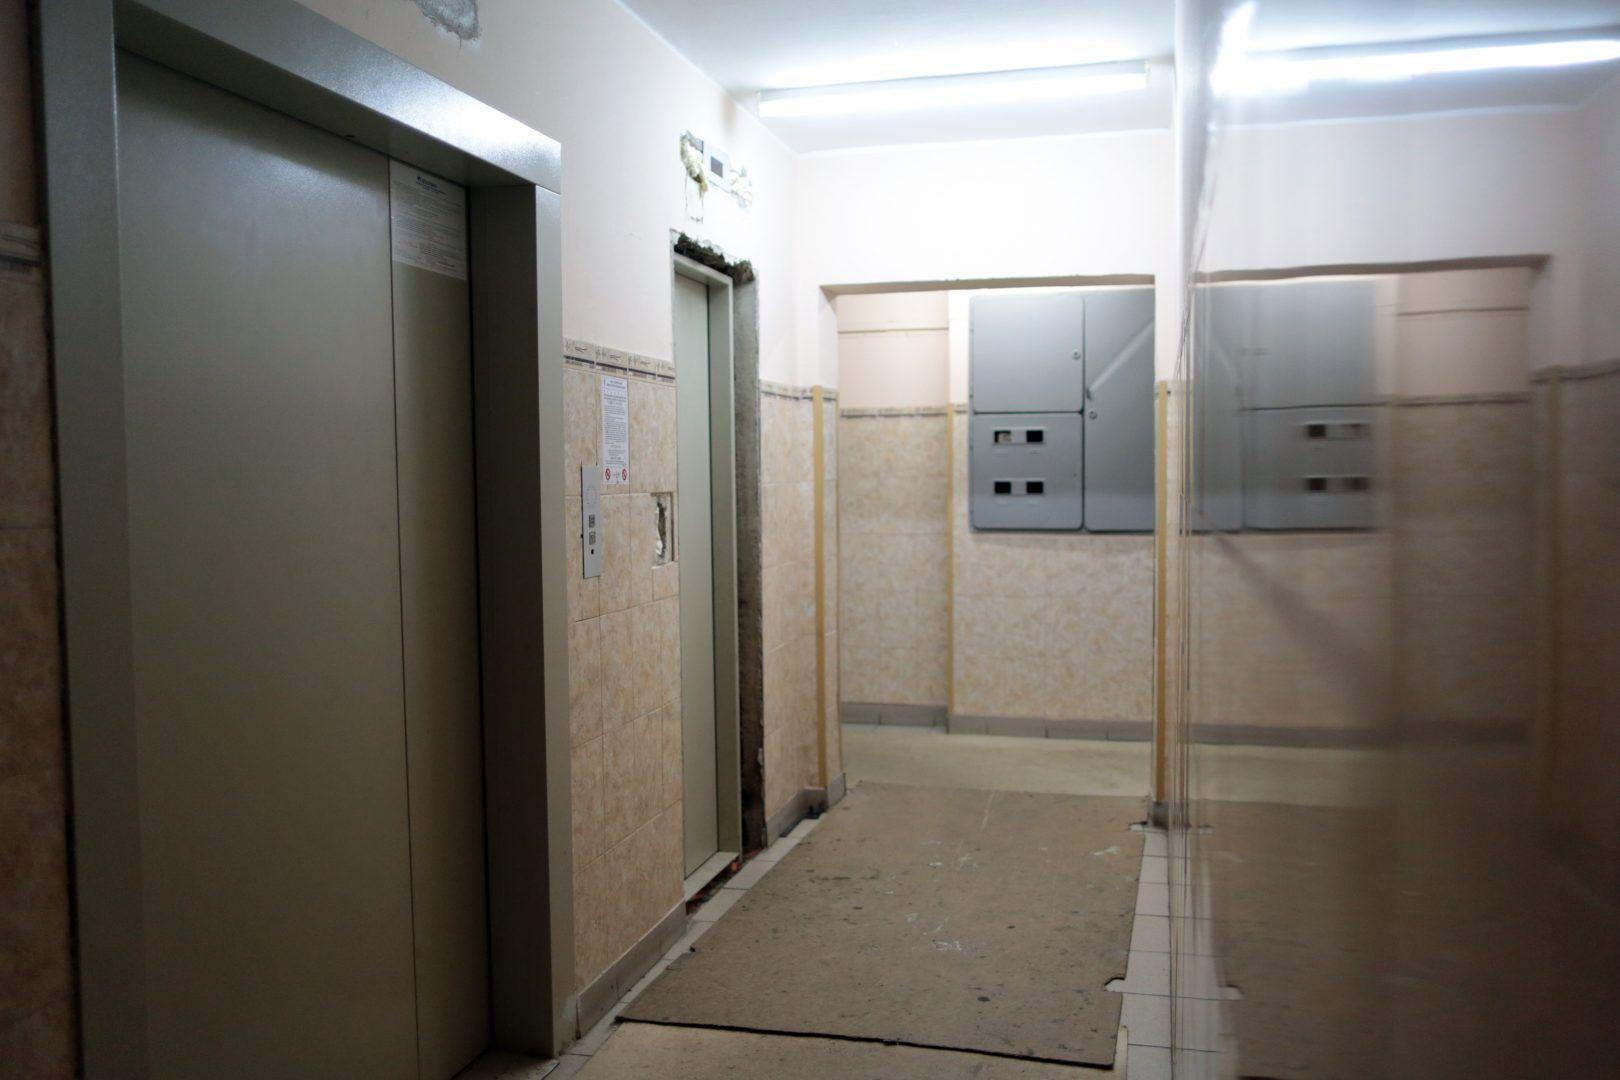 Более 20 лифтов ввели в эксплуатацию в Новой Москве с начала года. Фото: архив